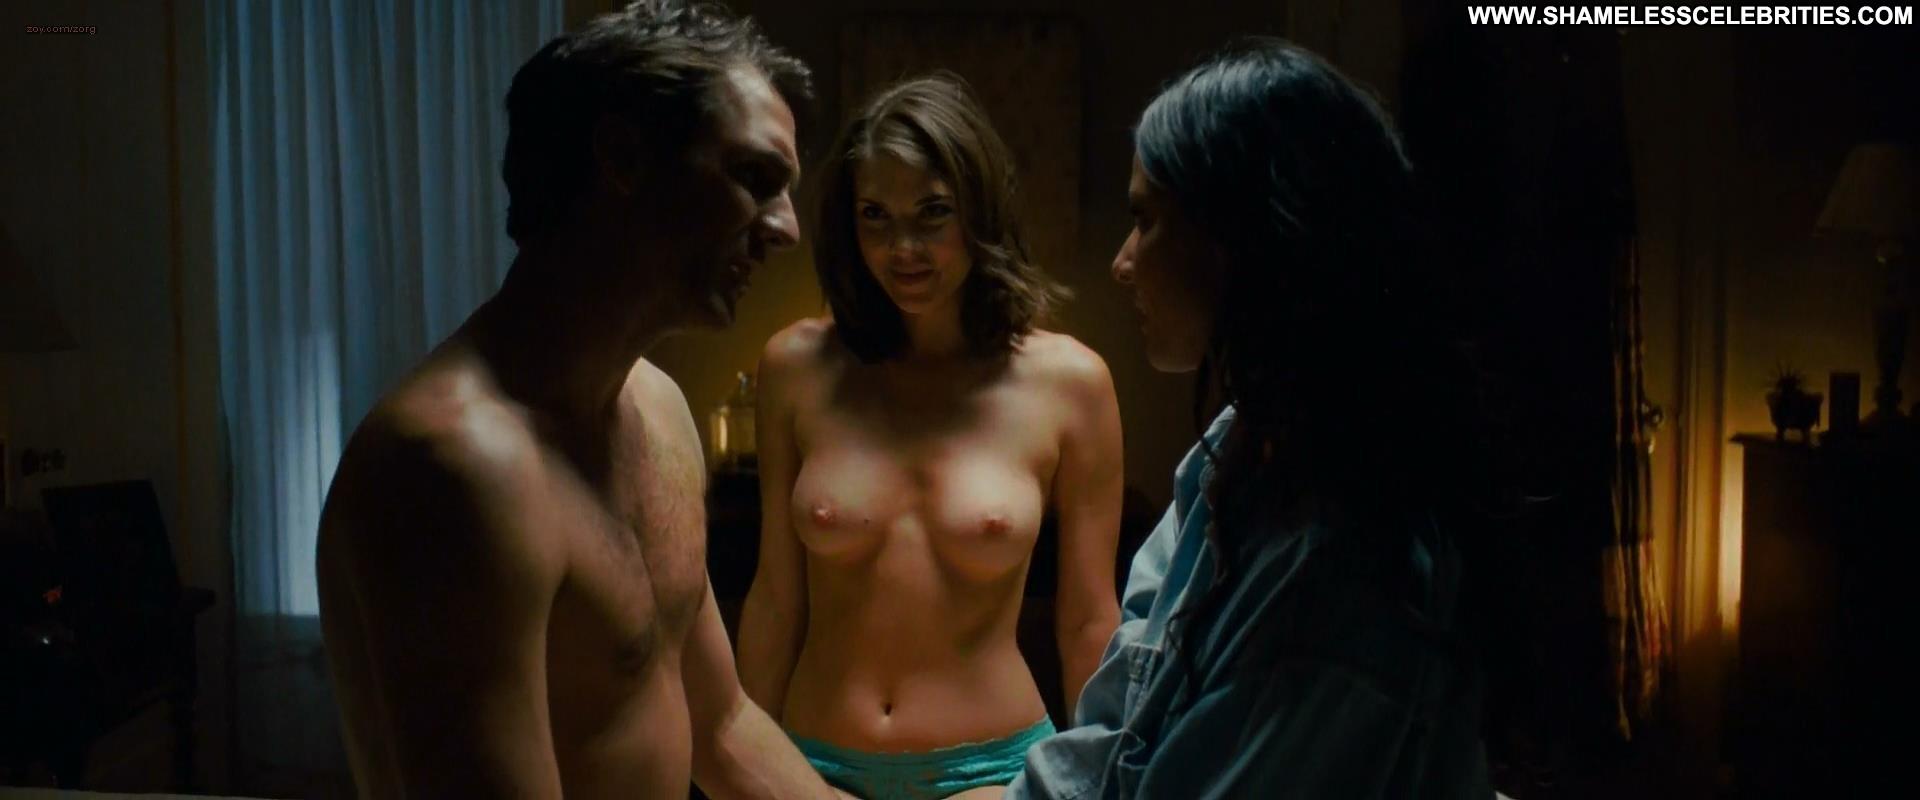 Jennifer Jason Leigh Ass pics